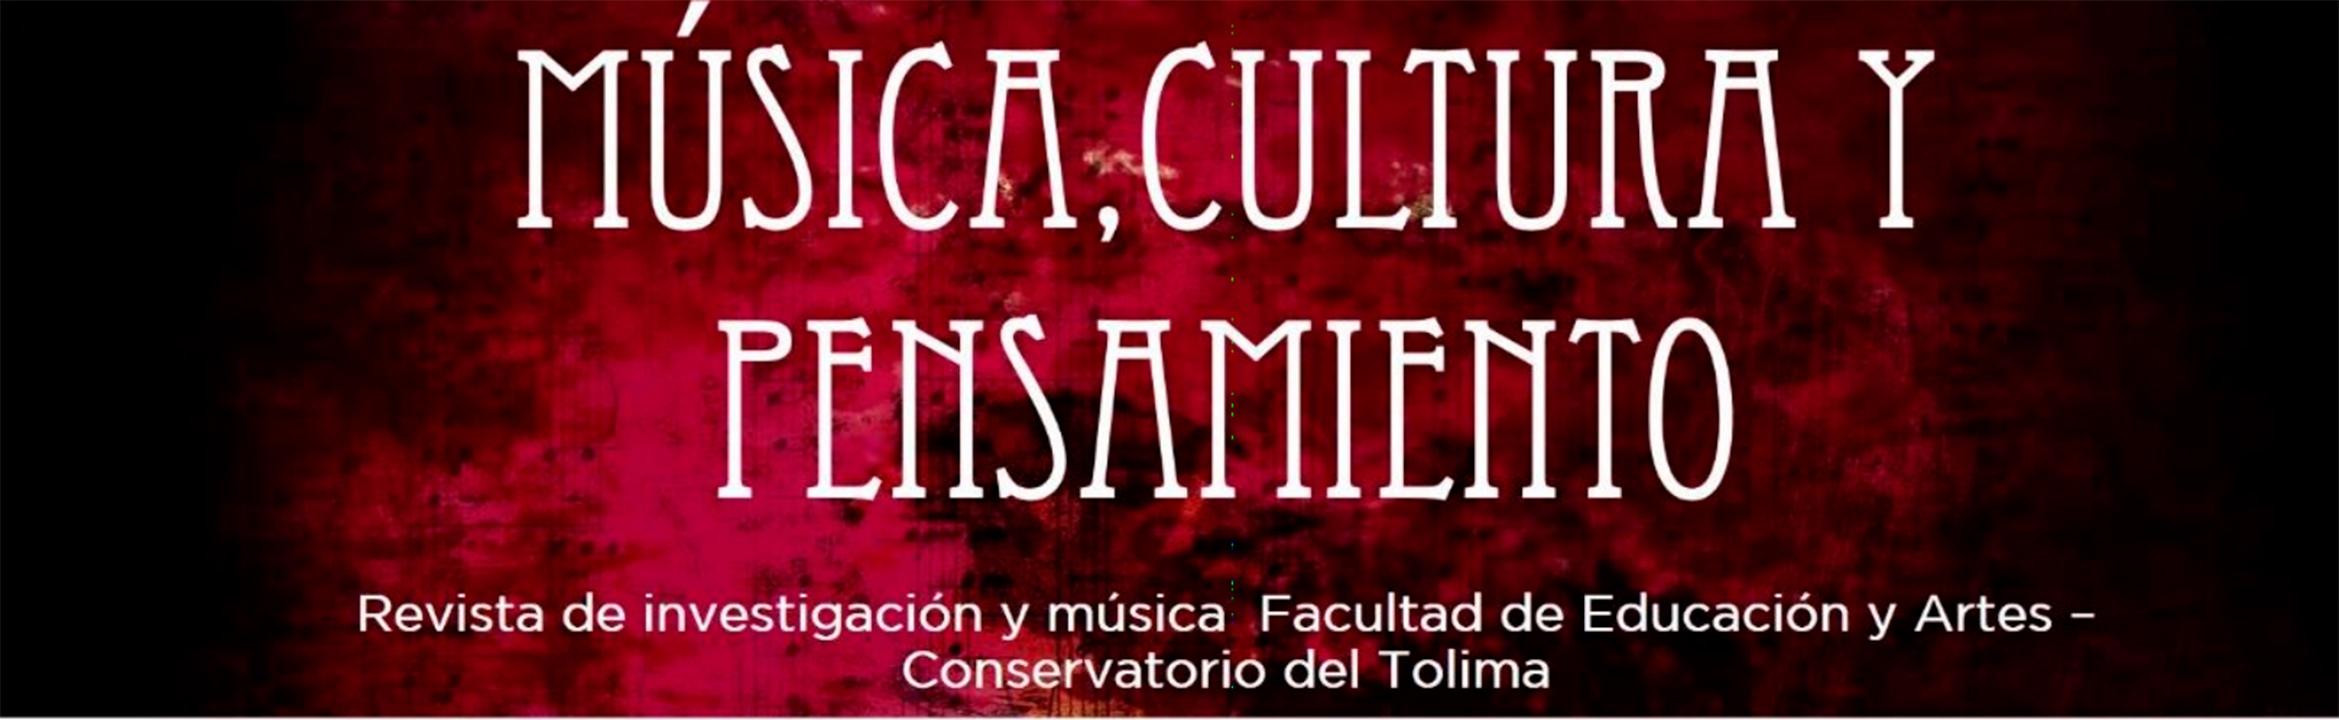 Convocatoria: Publicación de artículos en la revista Música, Cultura y Pensamiento